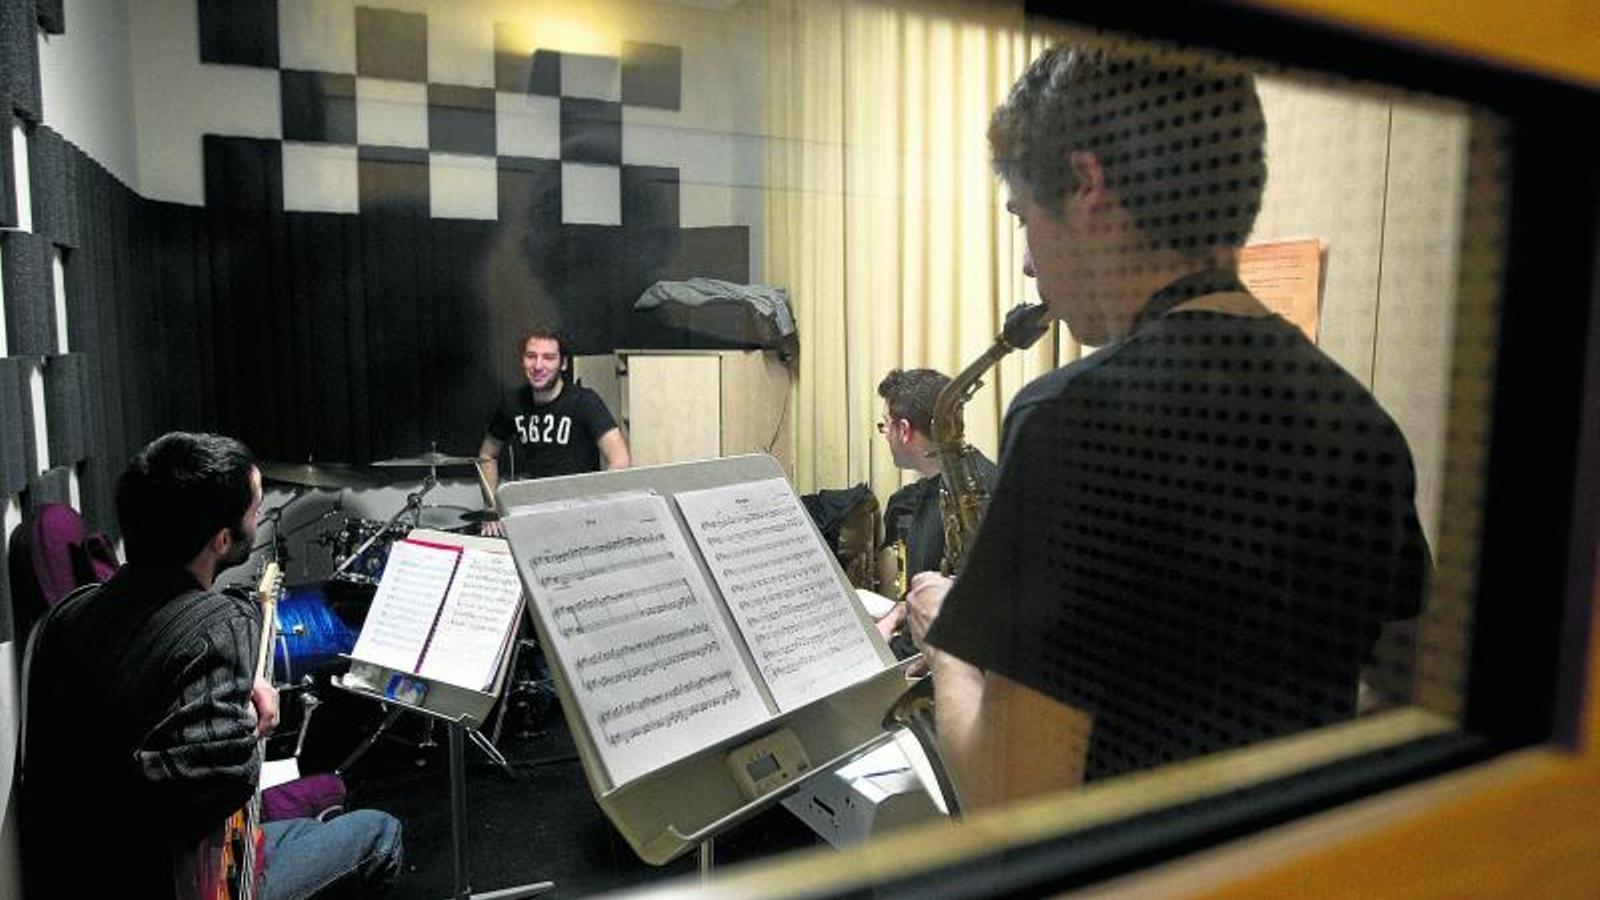 L'HORA DE TOCAR-LA  L'ARA organitzarà amb l'Esmuc un concurs de cançons per descobrir nous talents. Els lectors del diari podran triar les seves preferides.